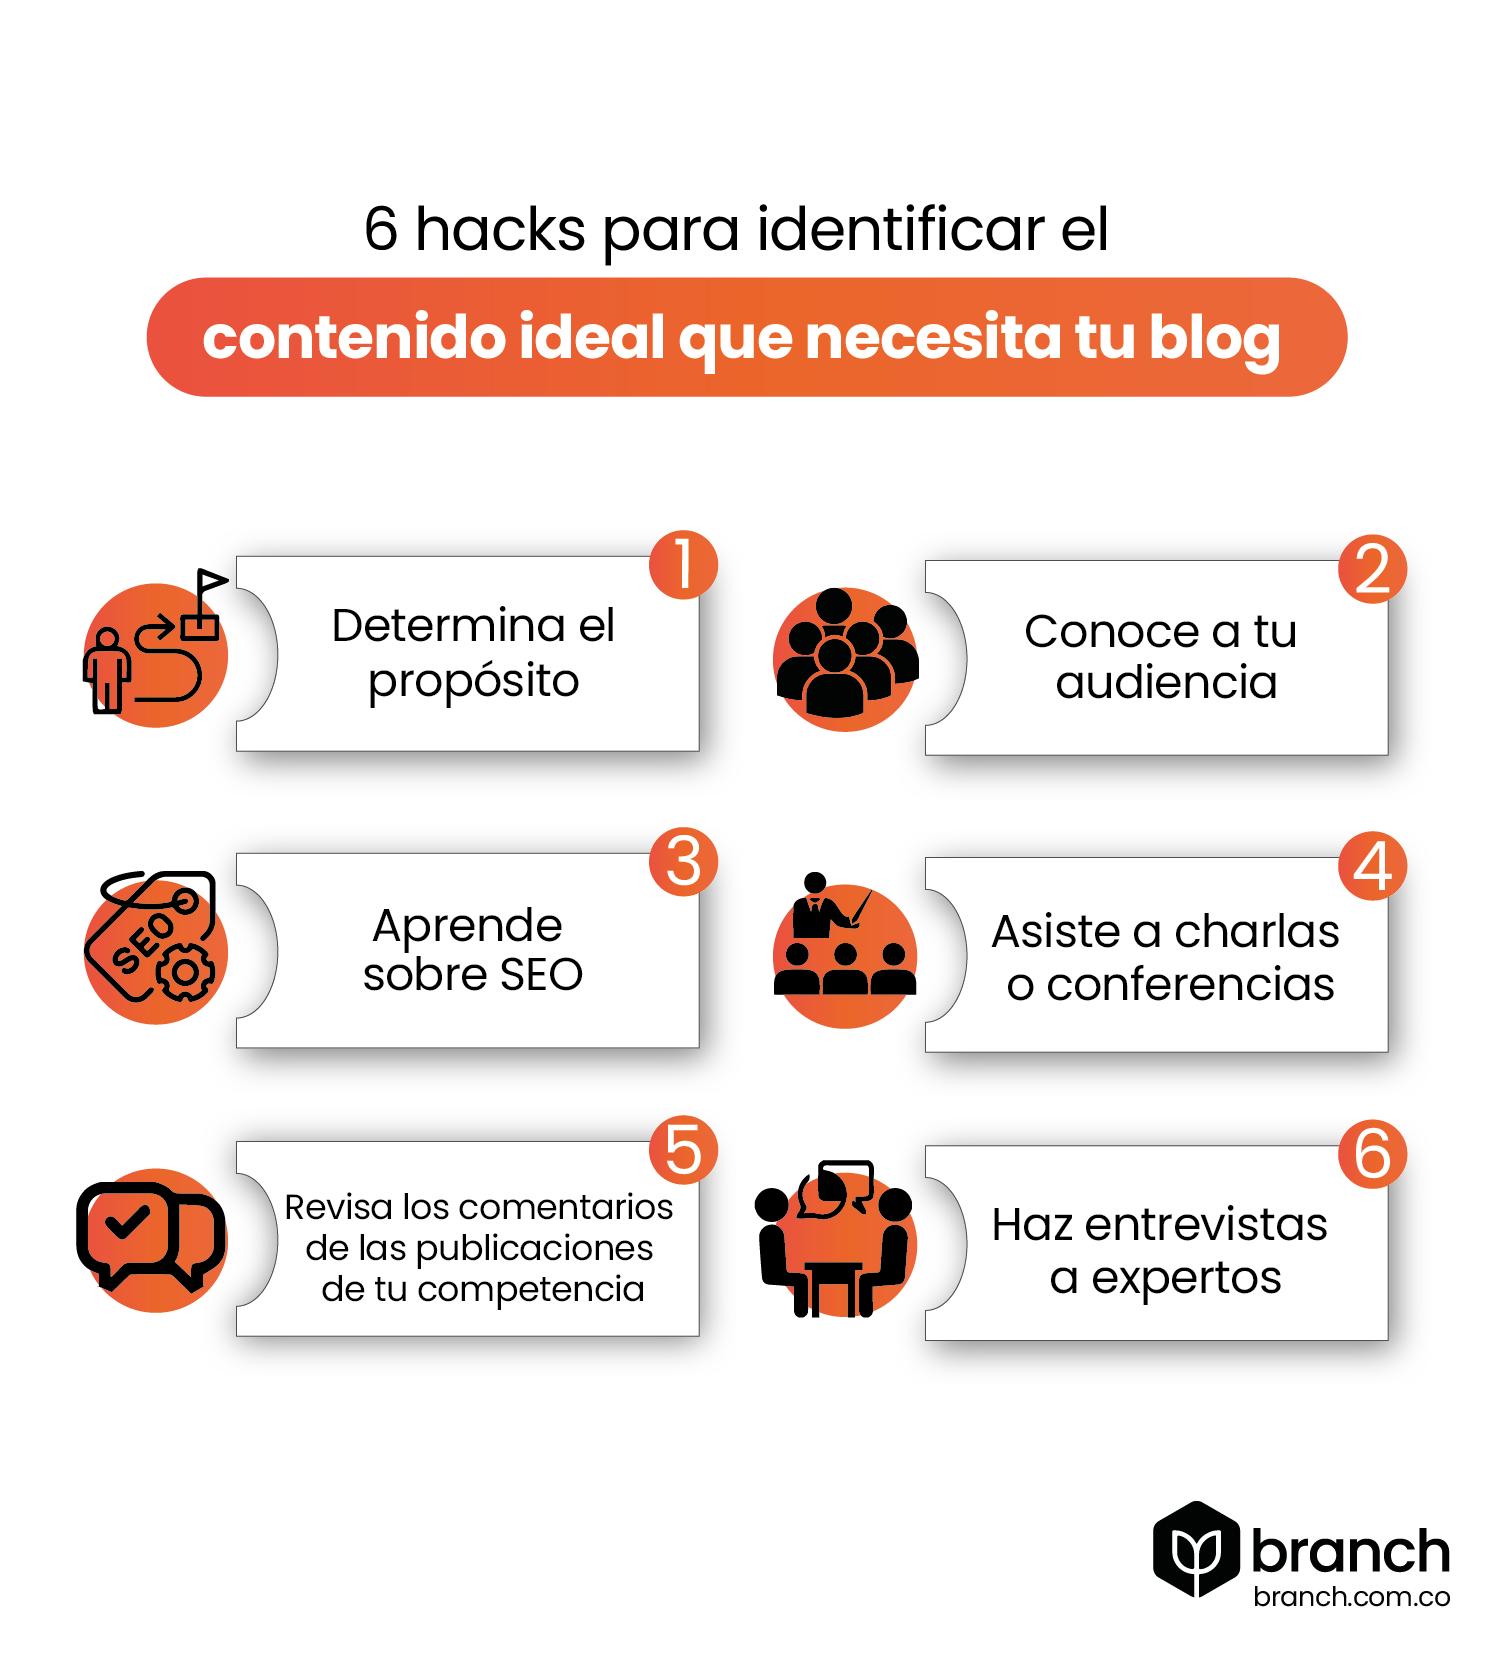 6-hacks-para-identificar-el-contenido-ideal-que-necesita-tu-blog